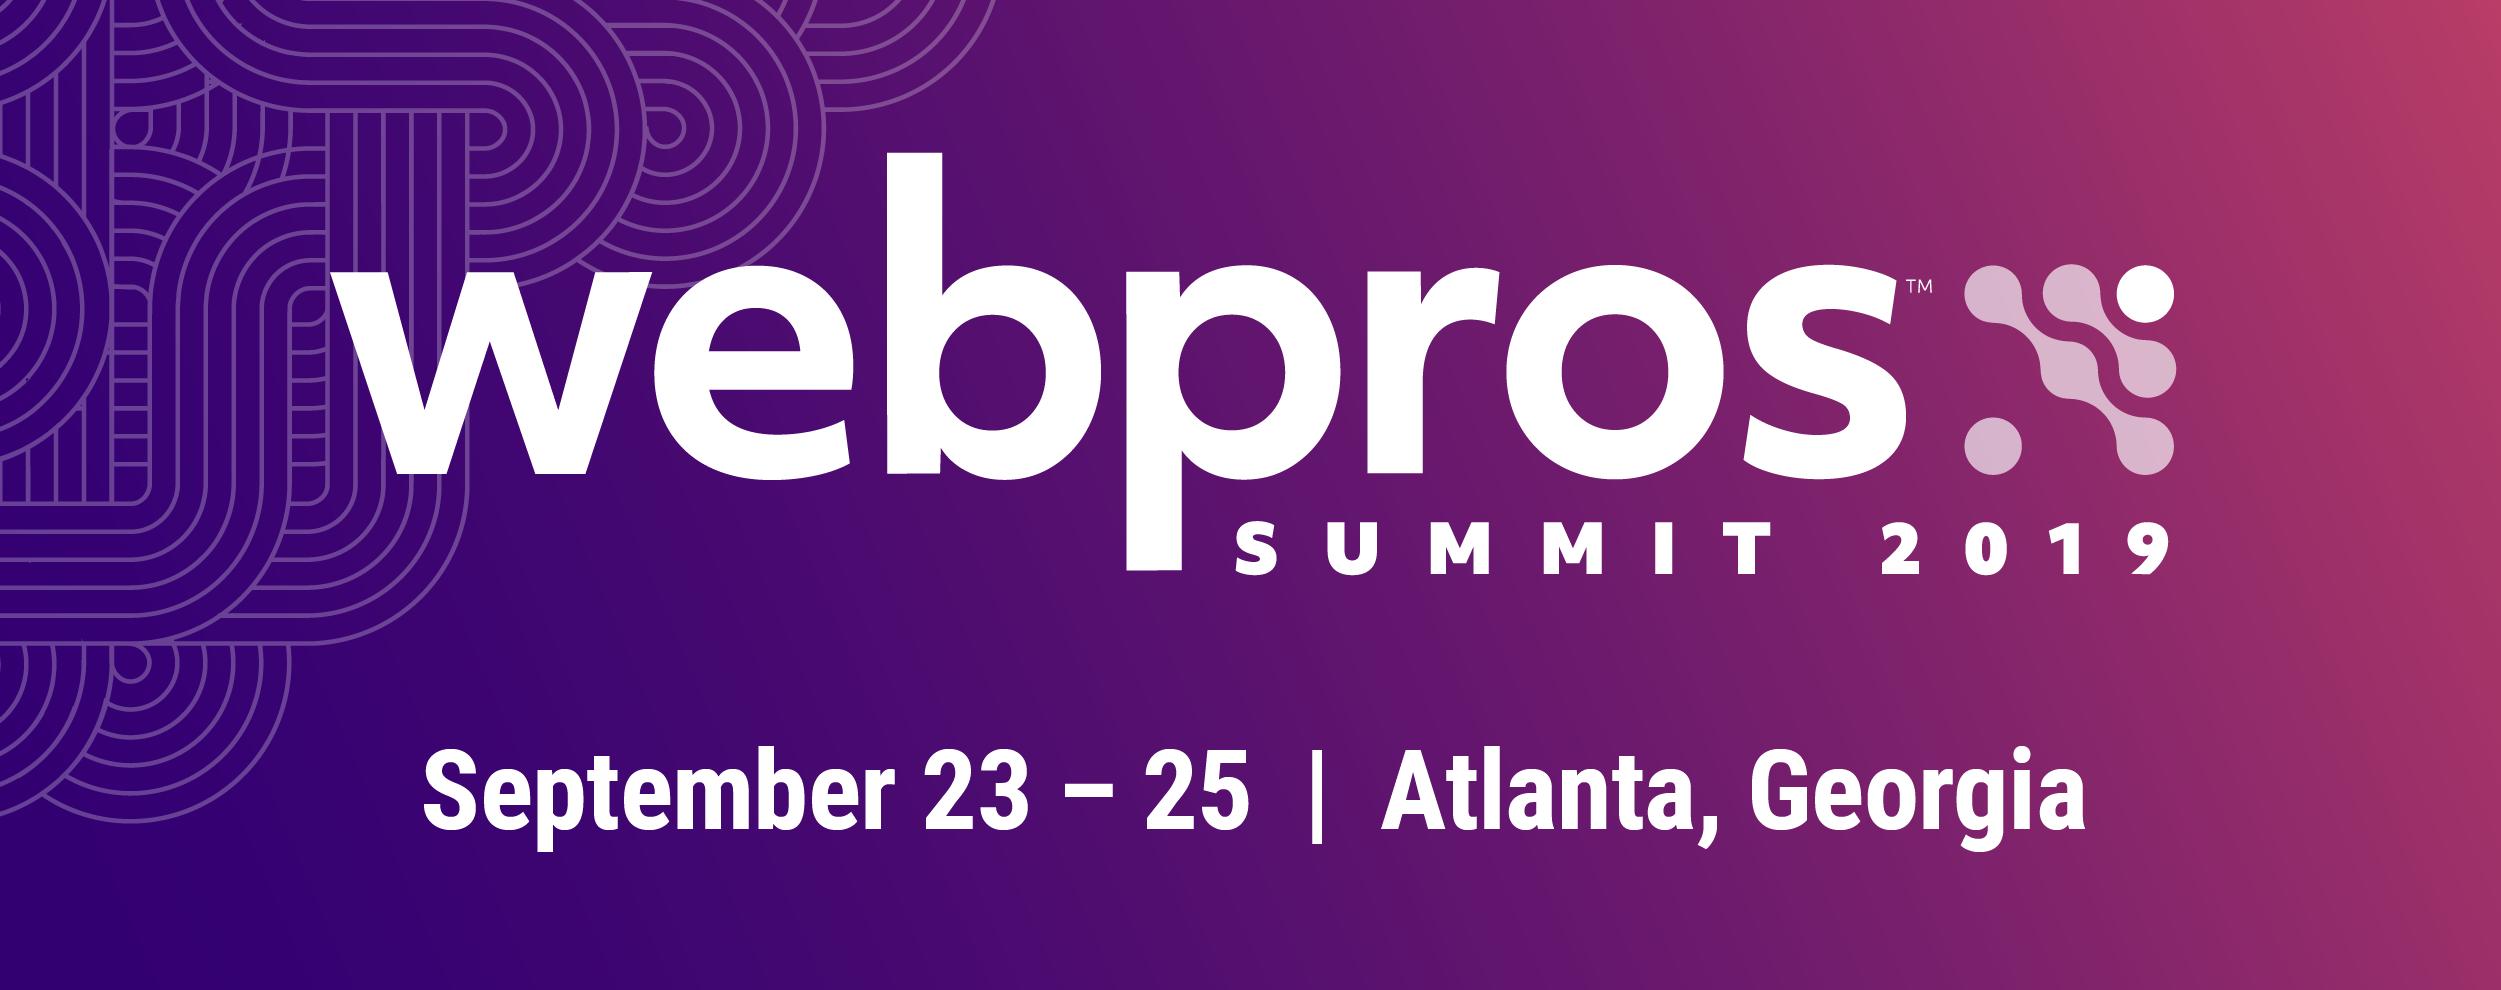 WebPros Summit 2019